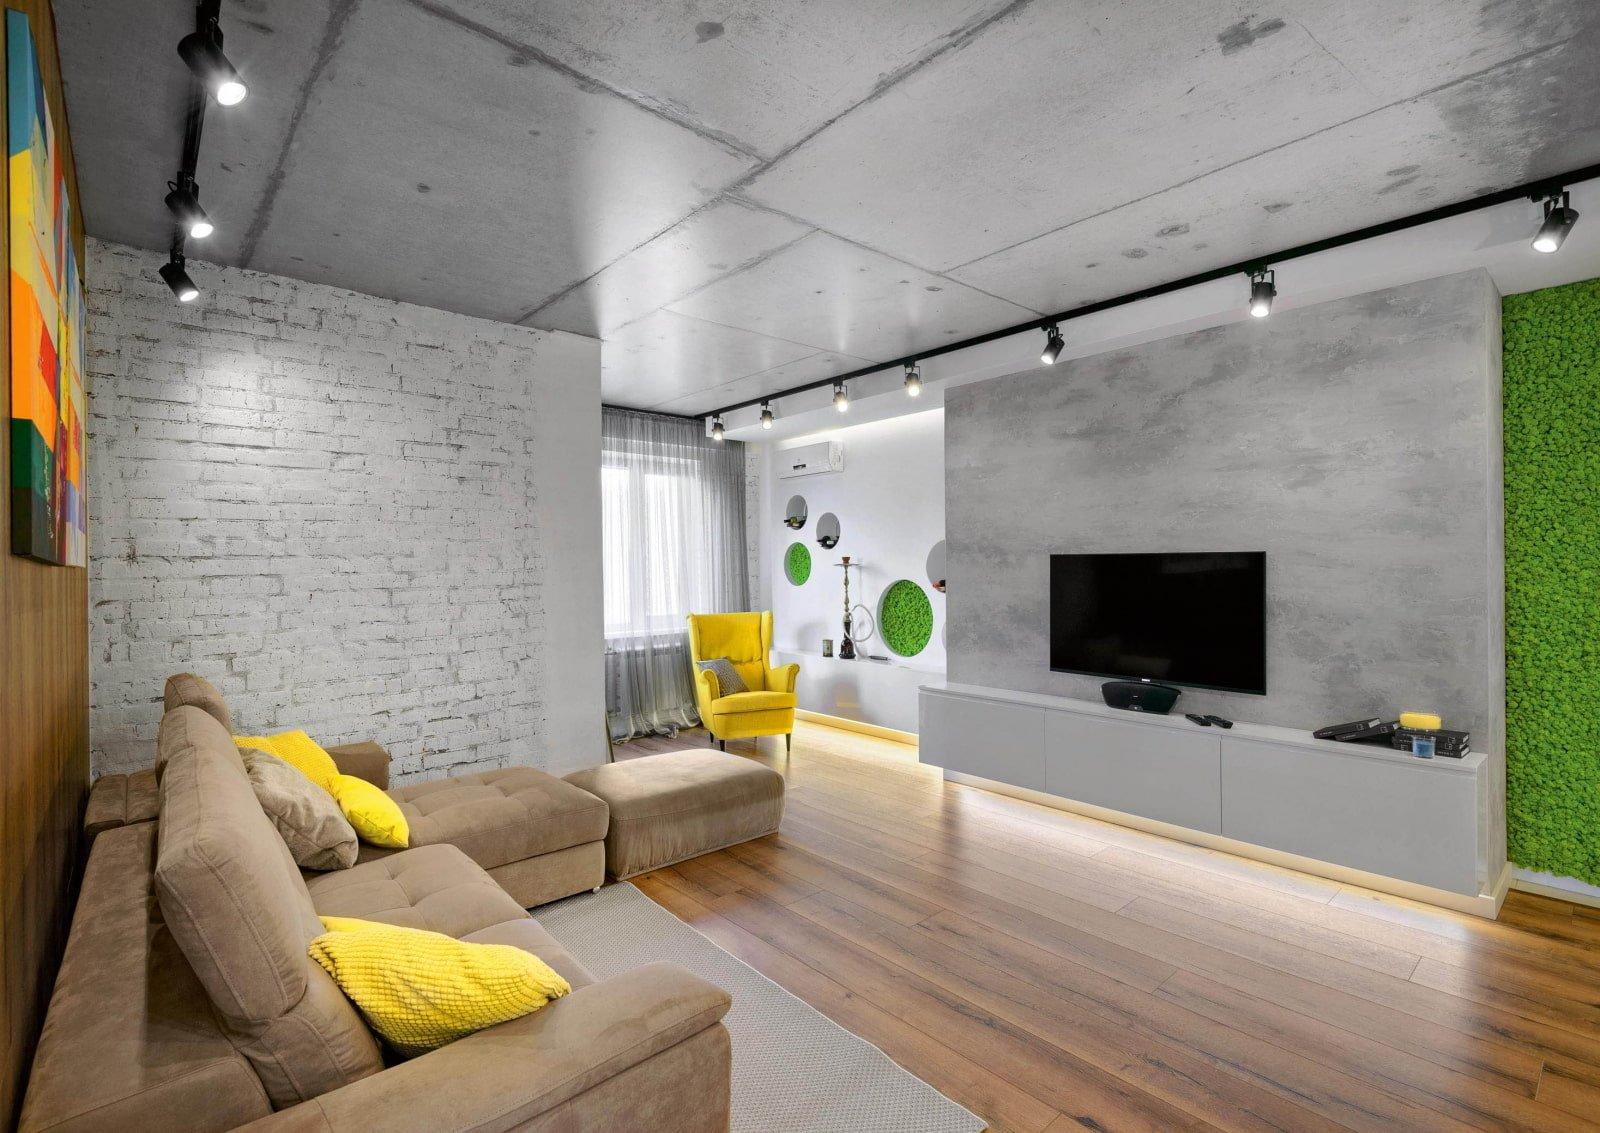 Потолок крашеный бетон запас при заказе бетона